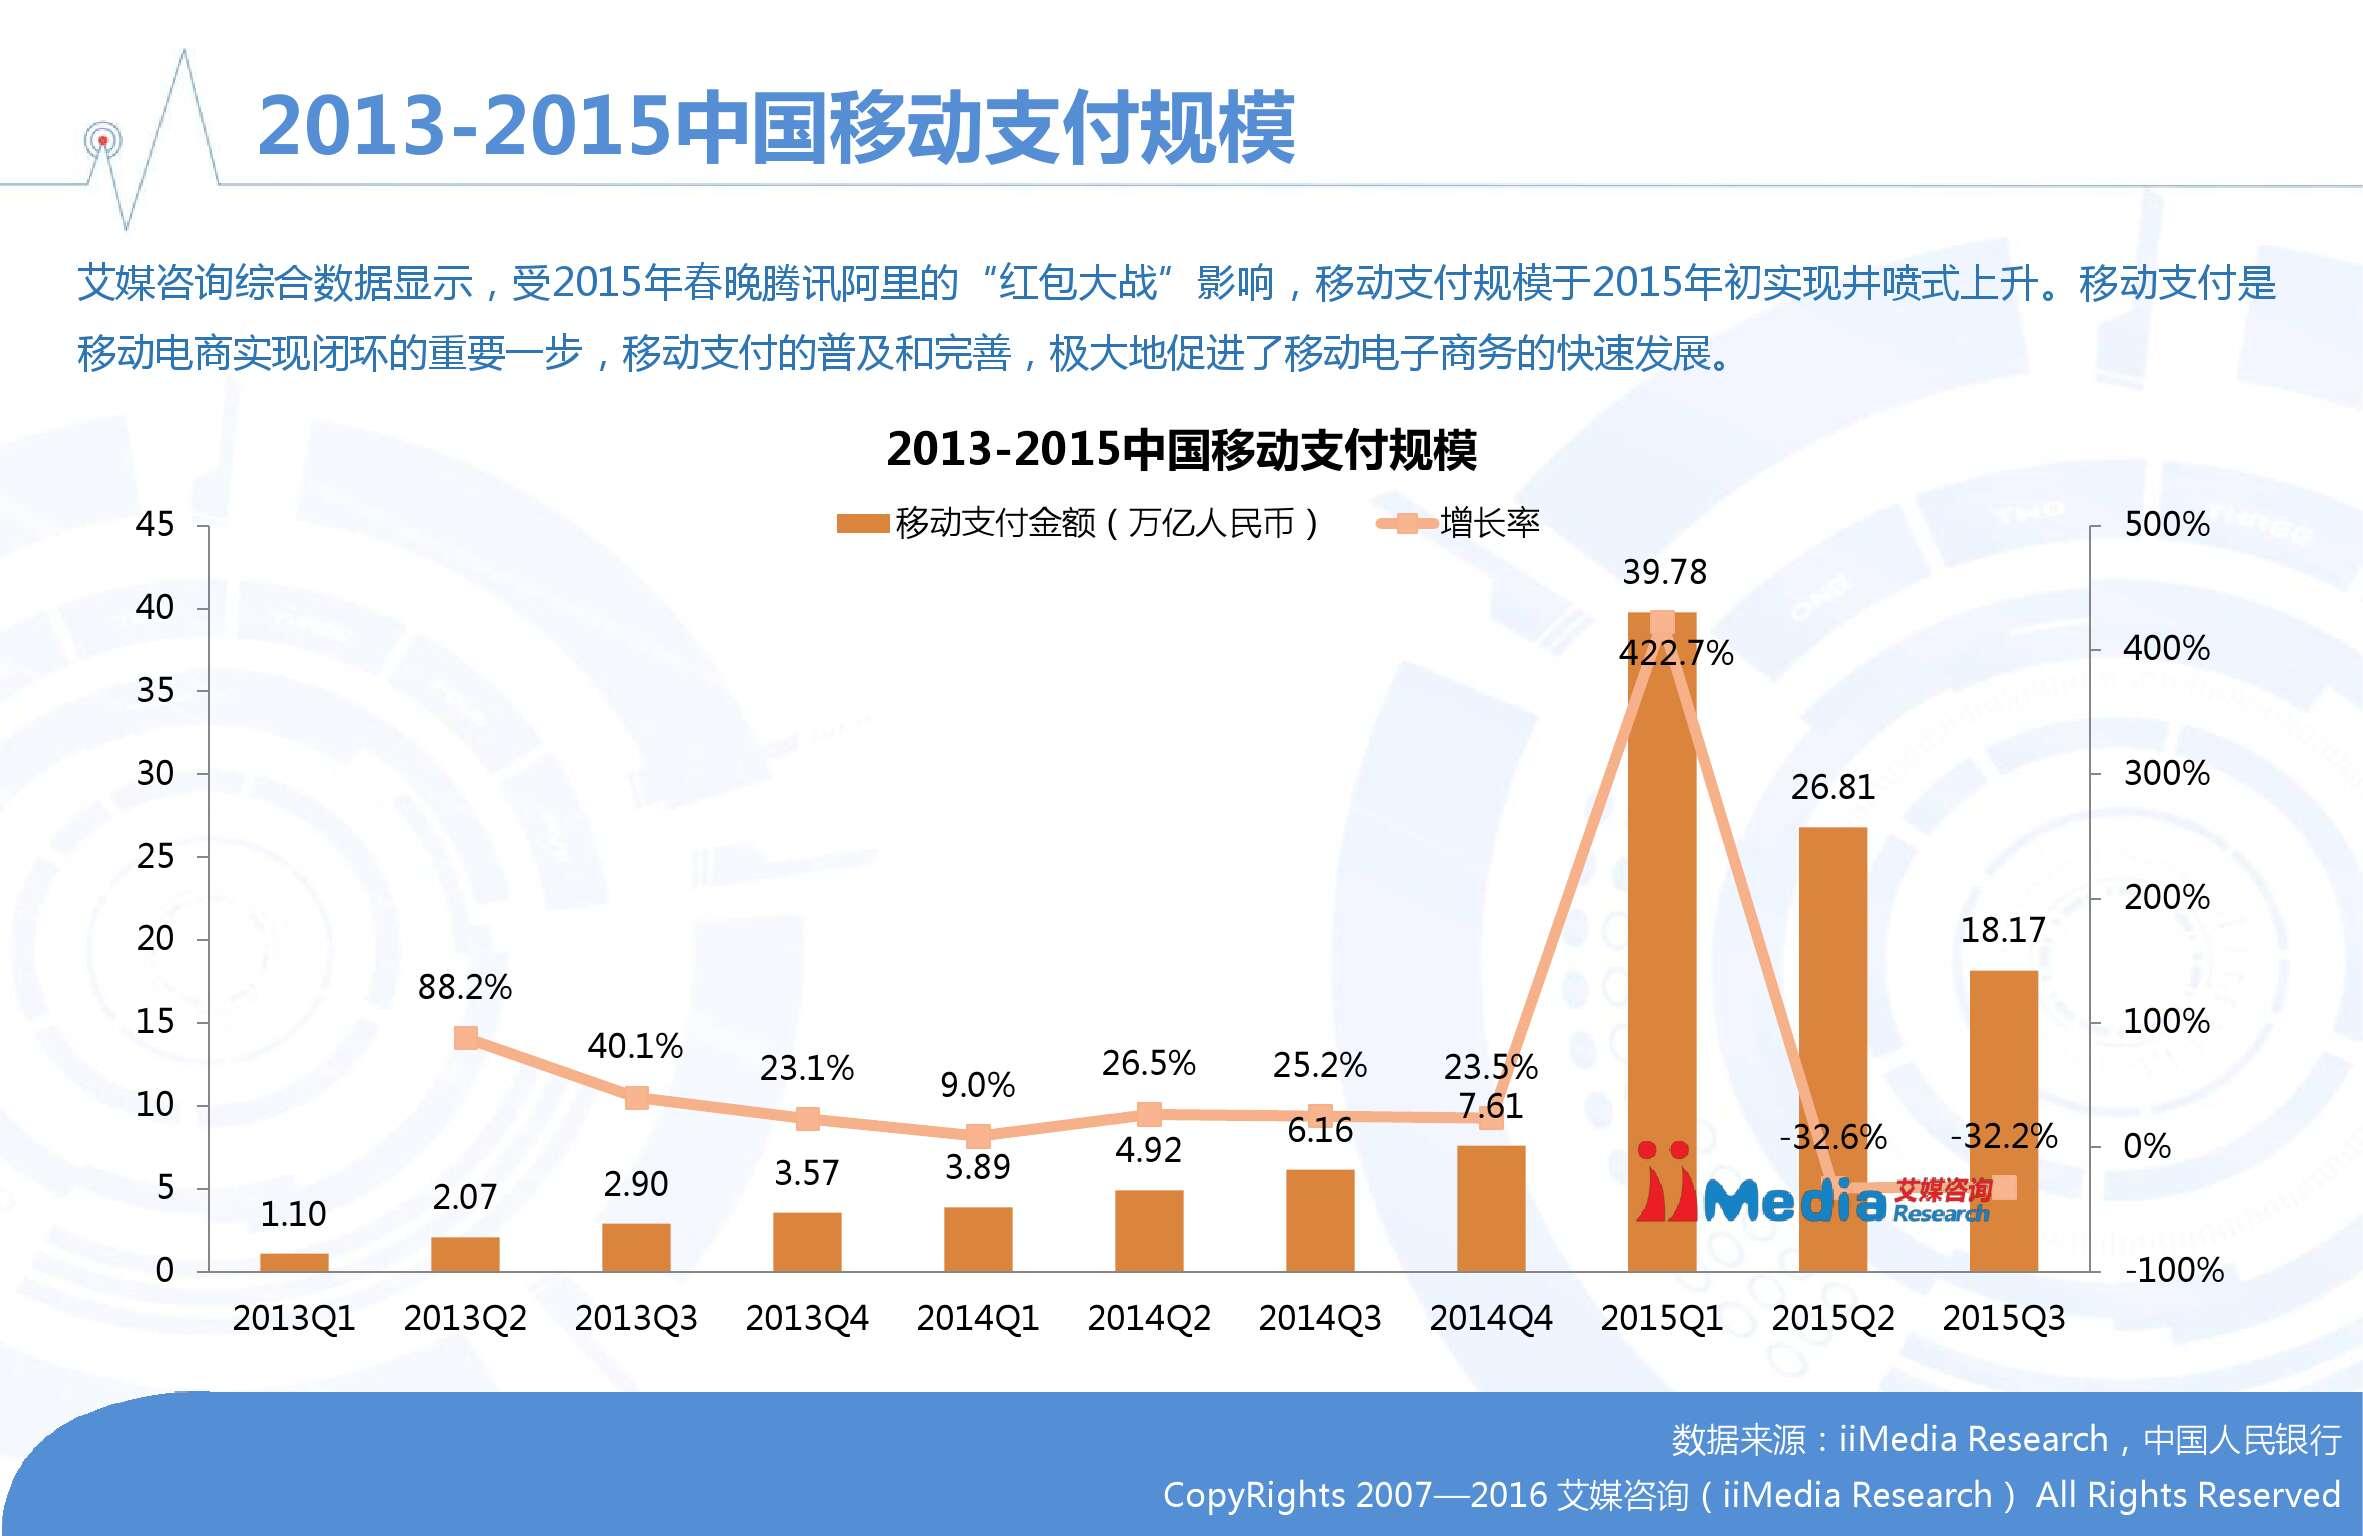 2015-2016中国移动电商市场年度报告_000011